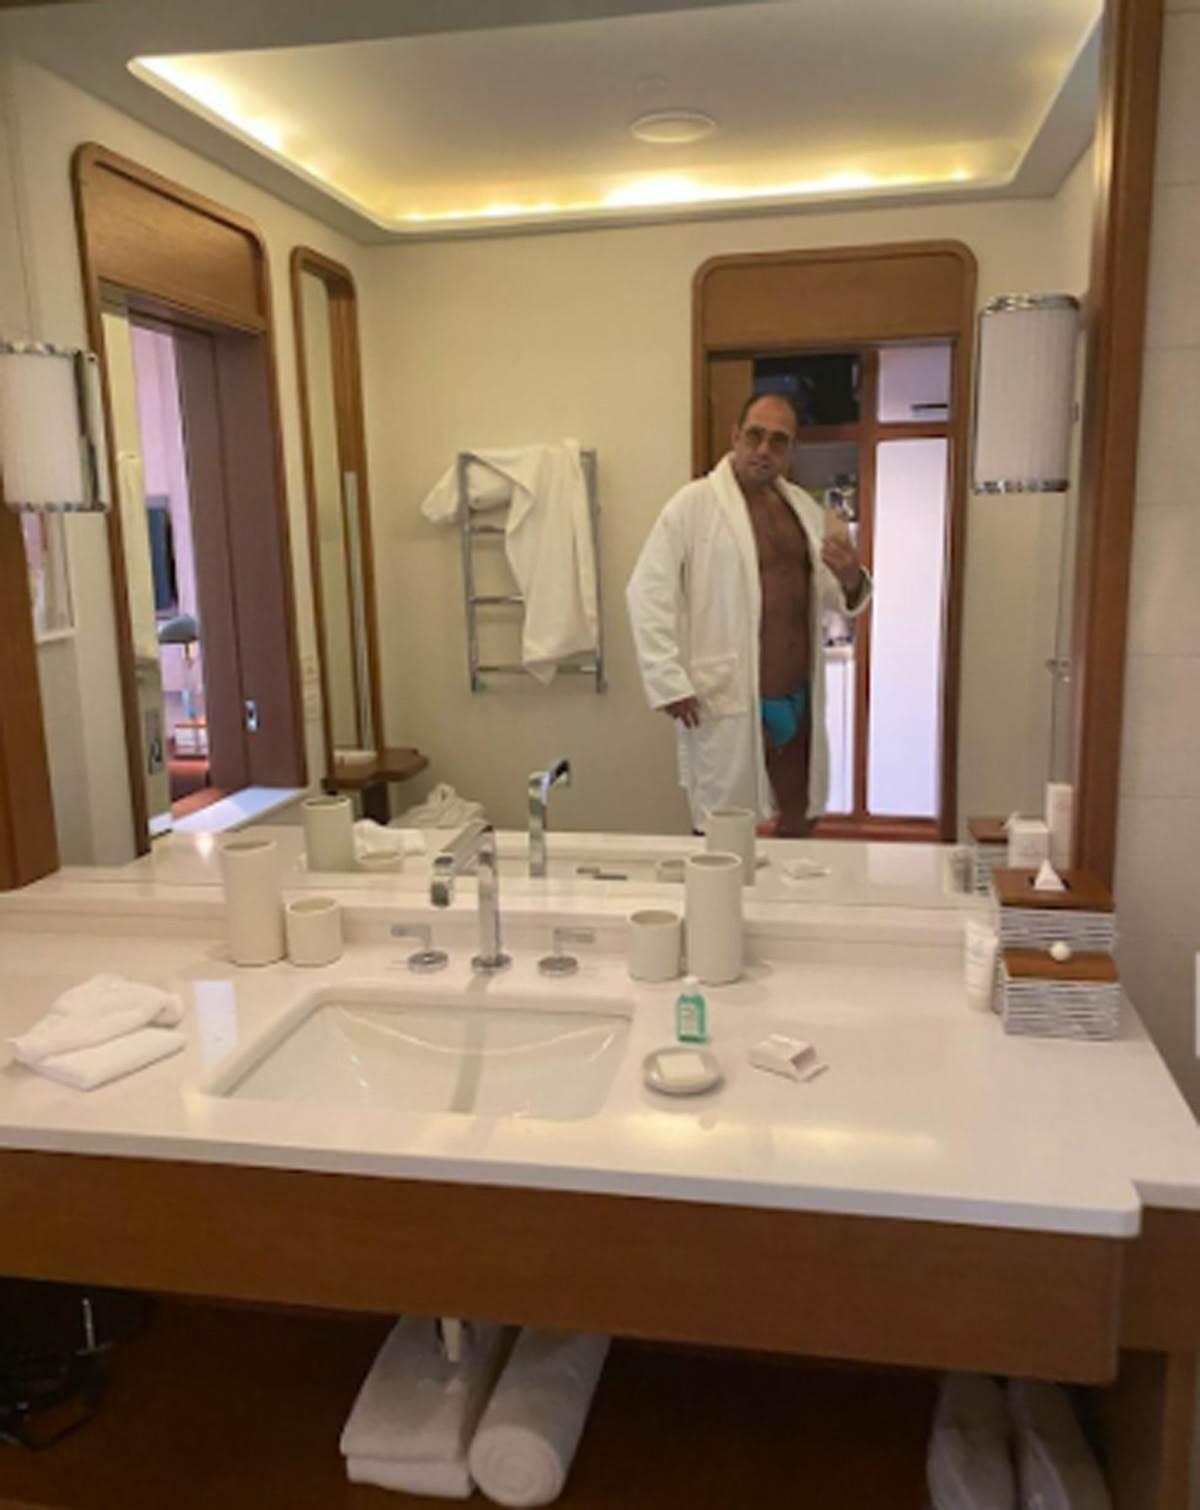 Dejan Popović pozira ispred ogledala u kupatilu